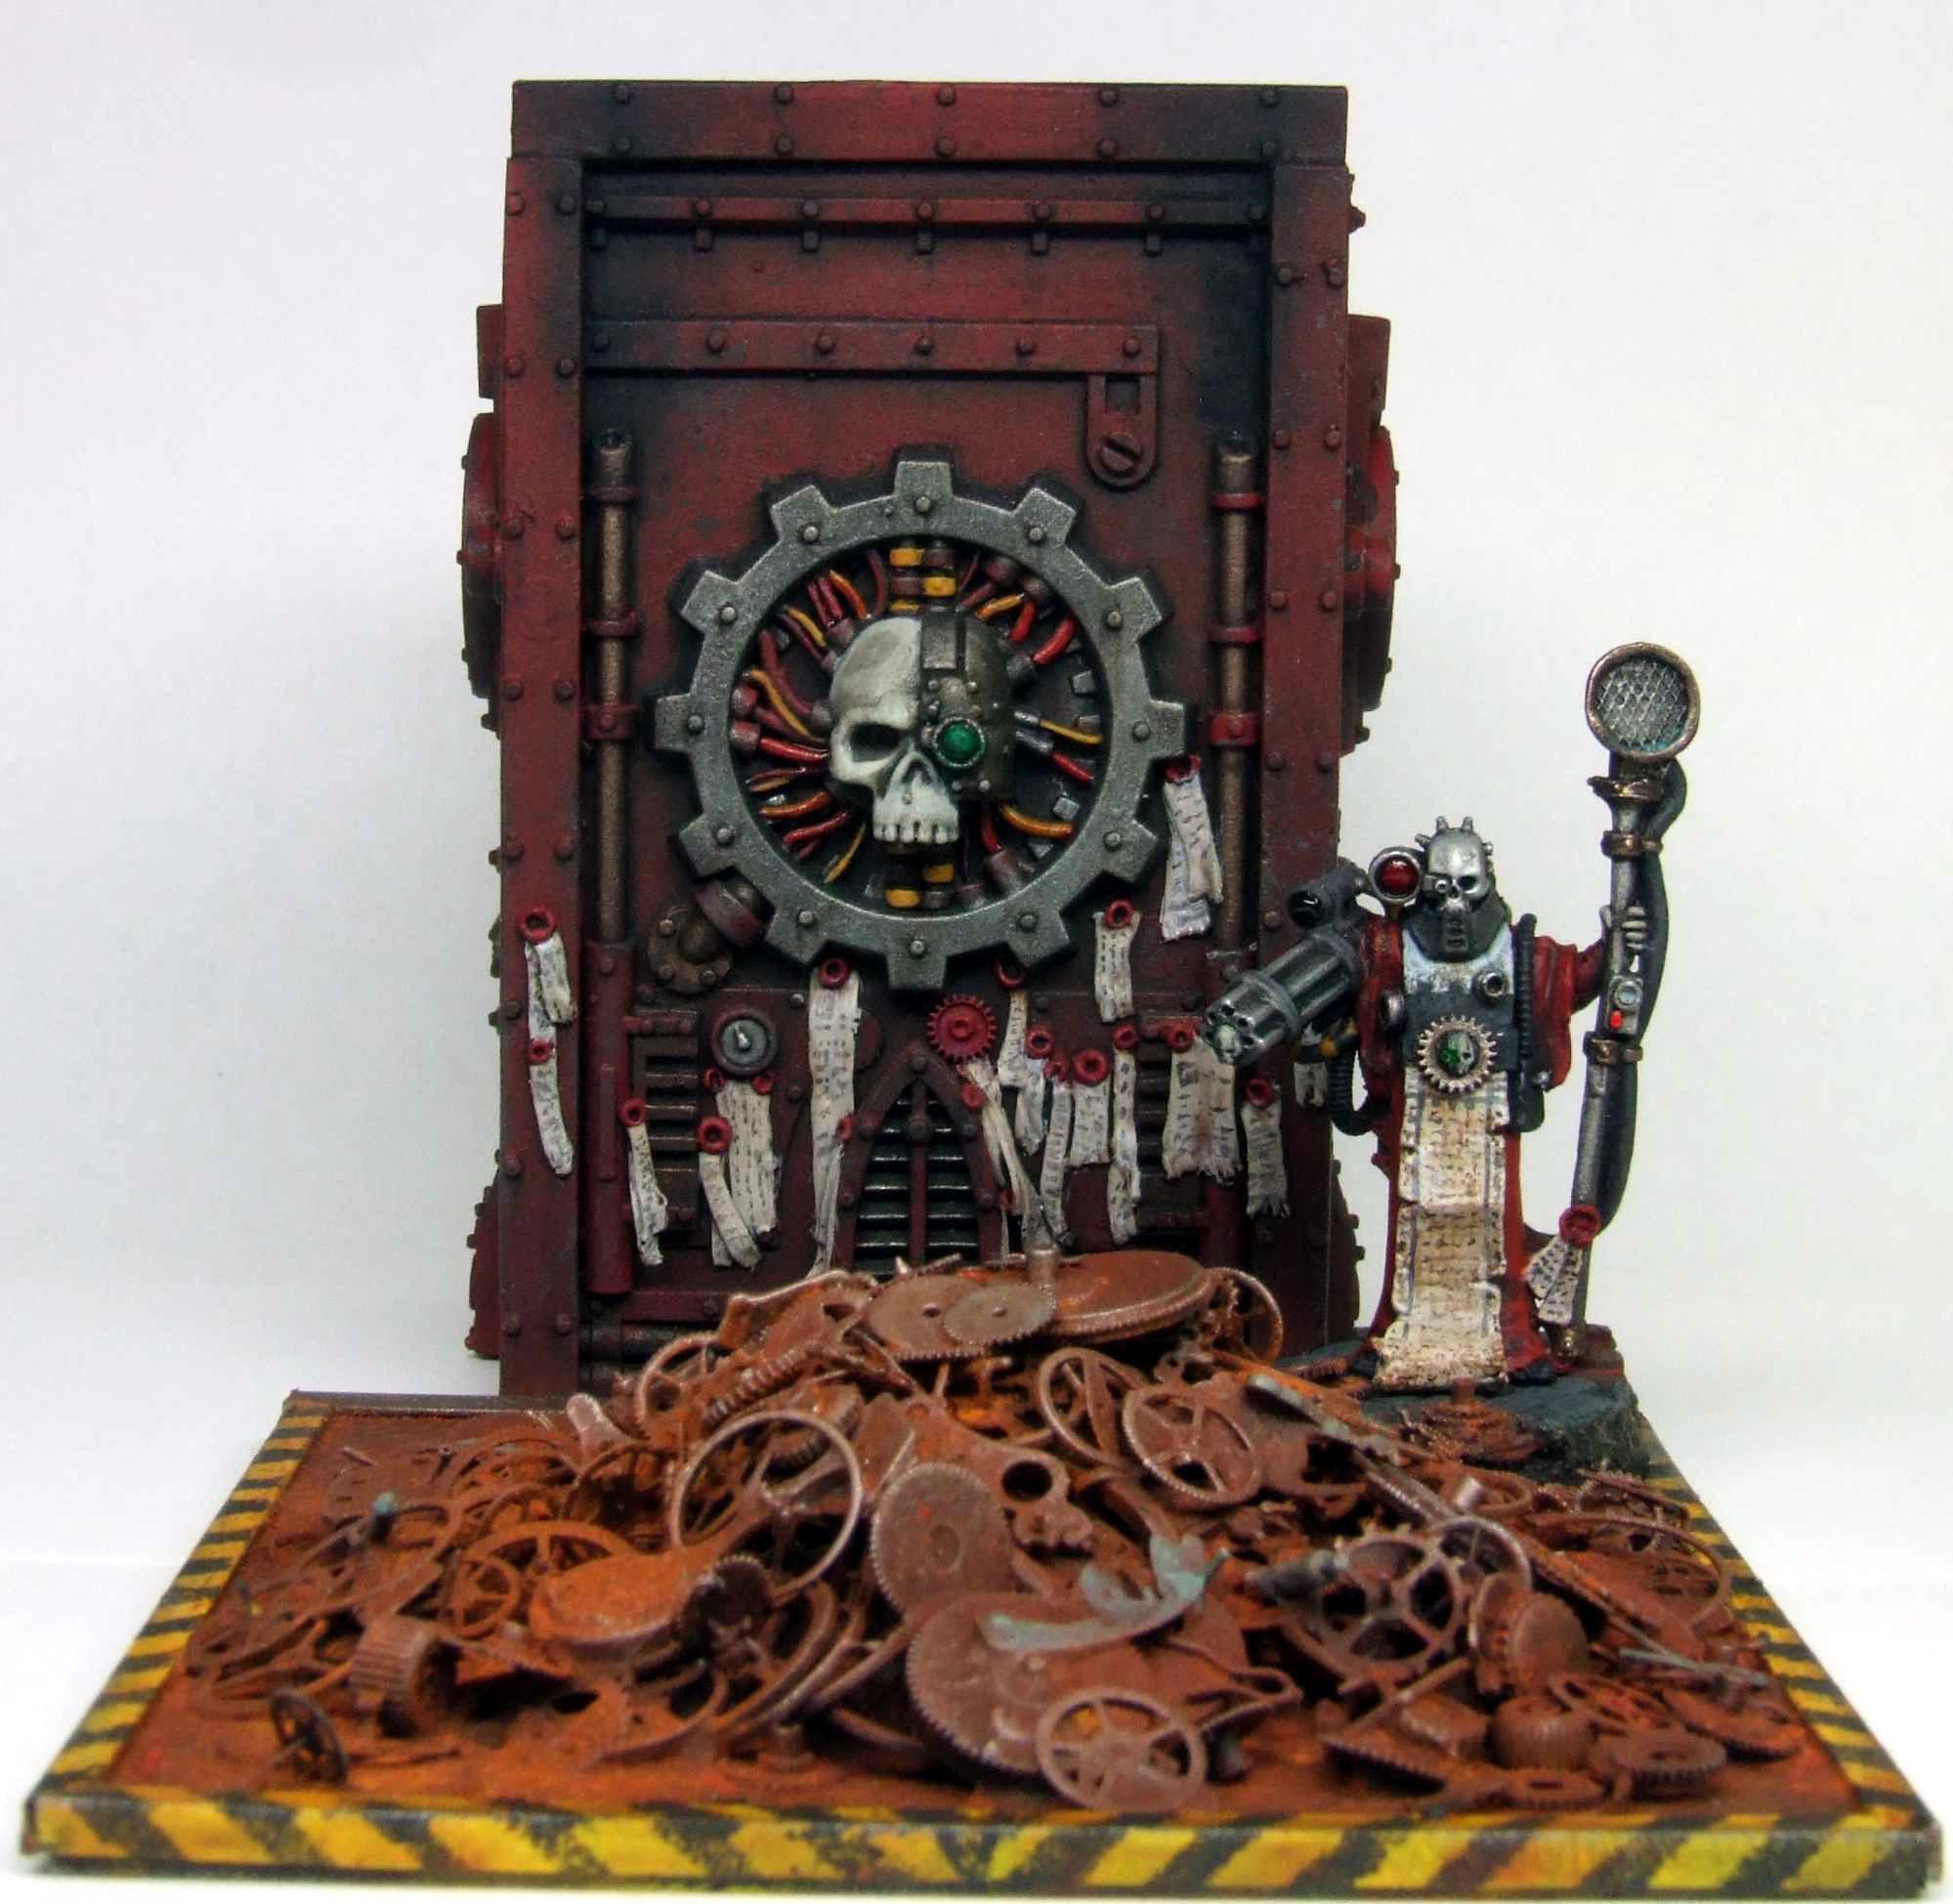 Adeptus Mechanicus, Diorama, Inq28, Inquisitor, Mechanicus, Shrine, Tech Priest